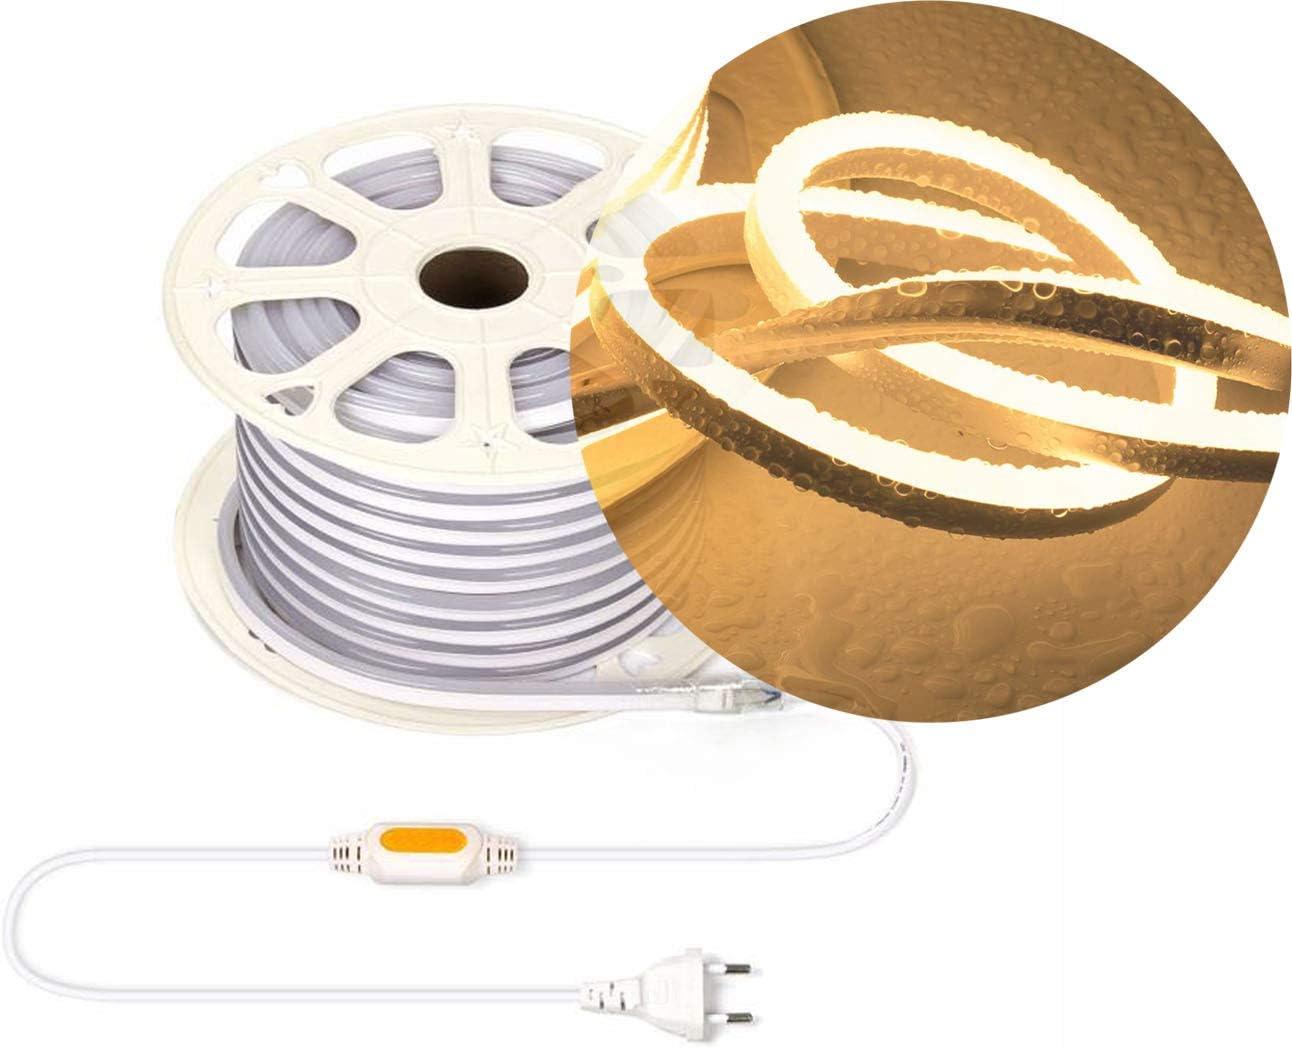 Ogeled Tira de luces LED de neón de 1 a 50 m, blanco cálido, blanco neutro, blanco frío, sin puntos de luz, resistente al agua, para interior/exterior, 230 V, regulable (blanco cálido, 3 m)